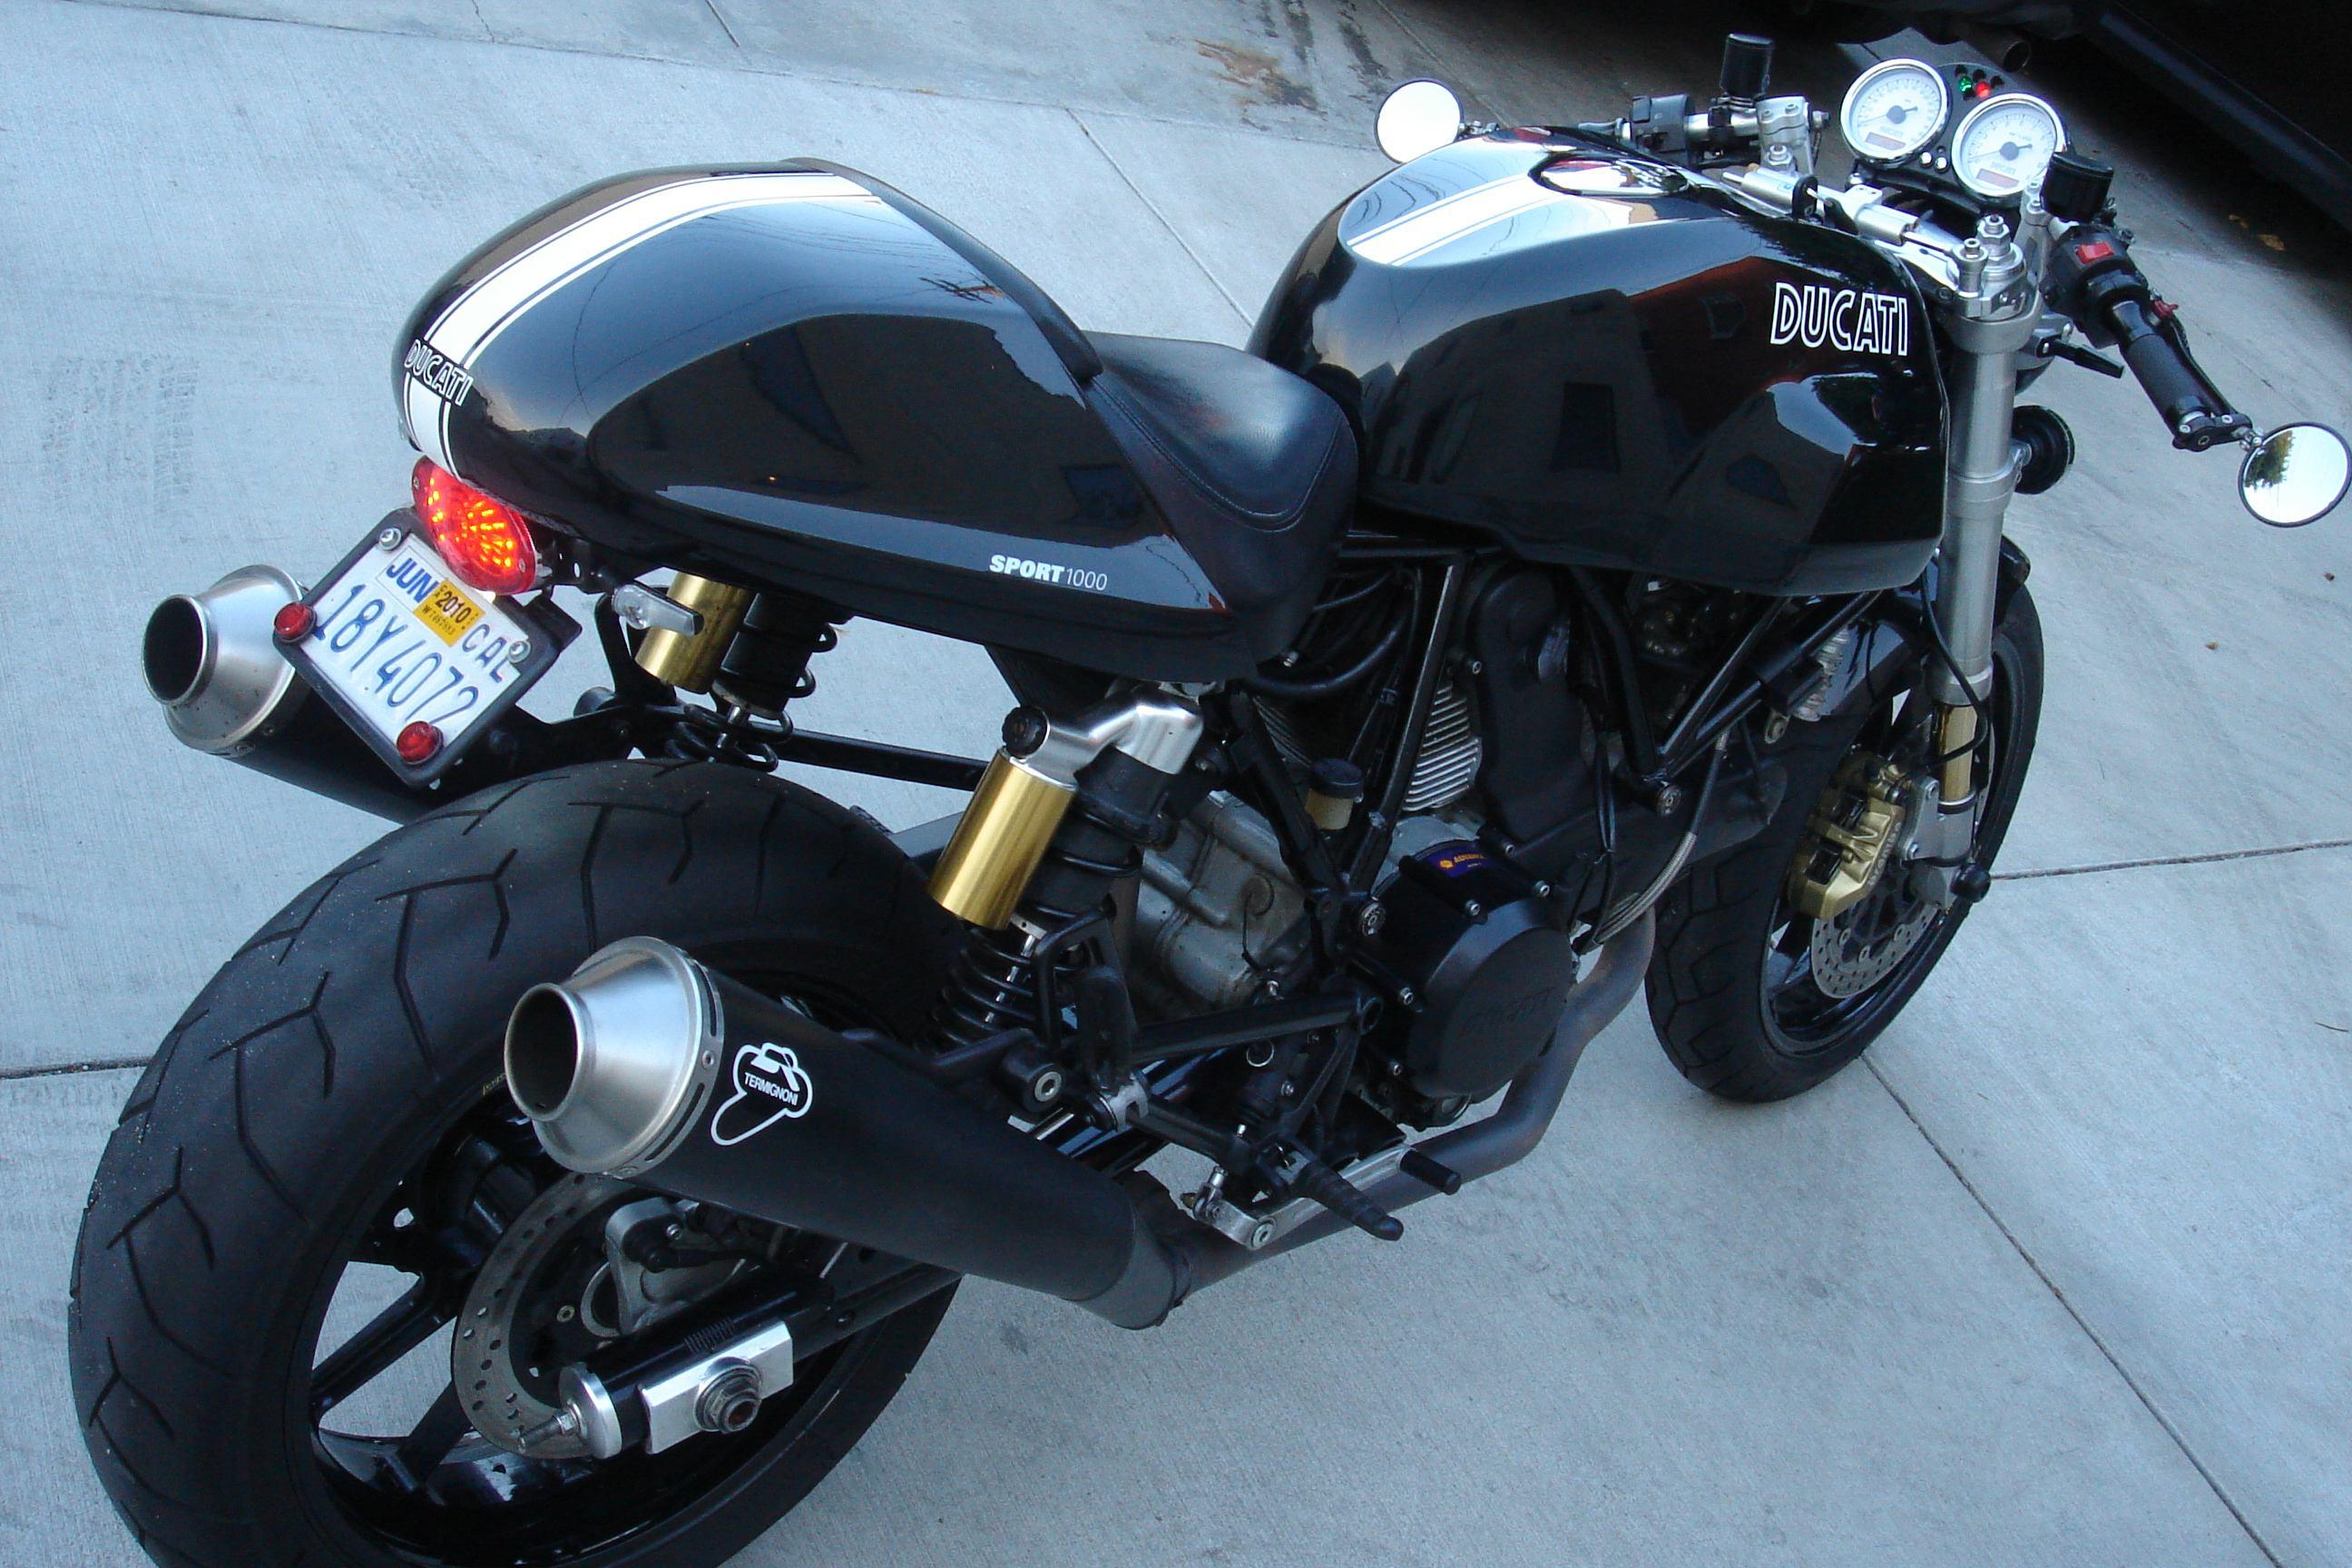 53995d1251872785 wtb black california sport classic 1000 non s moto 53995d1251872785 wtb black california sport classic 1000 non s Tron Ducati Sport 1000 at nearapp.co